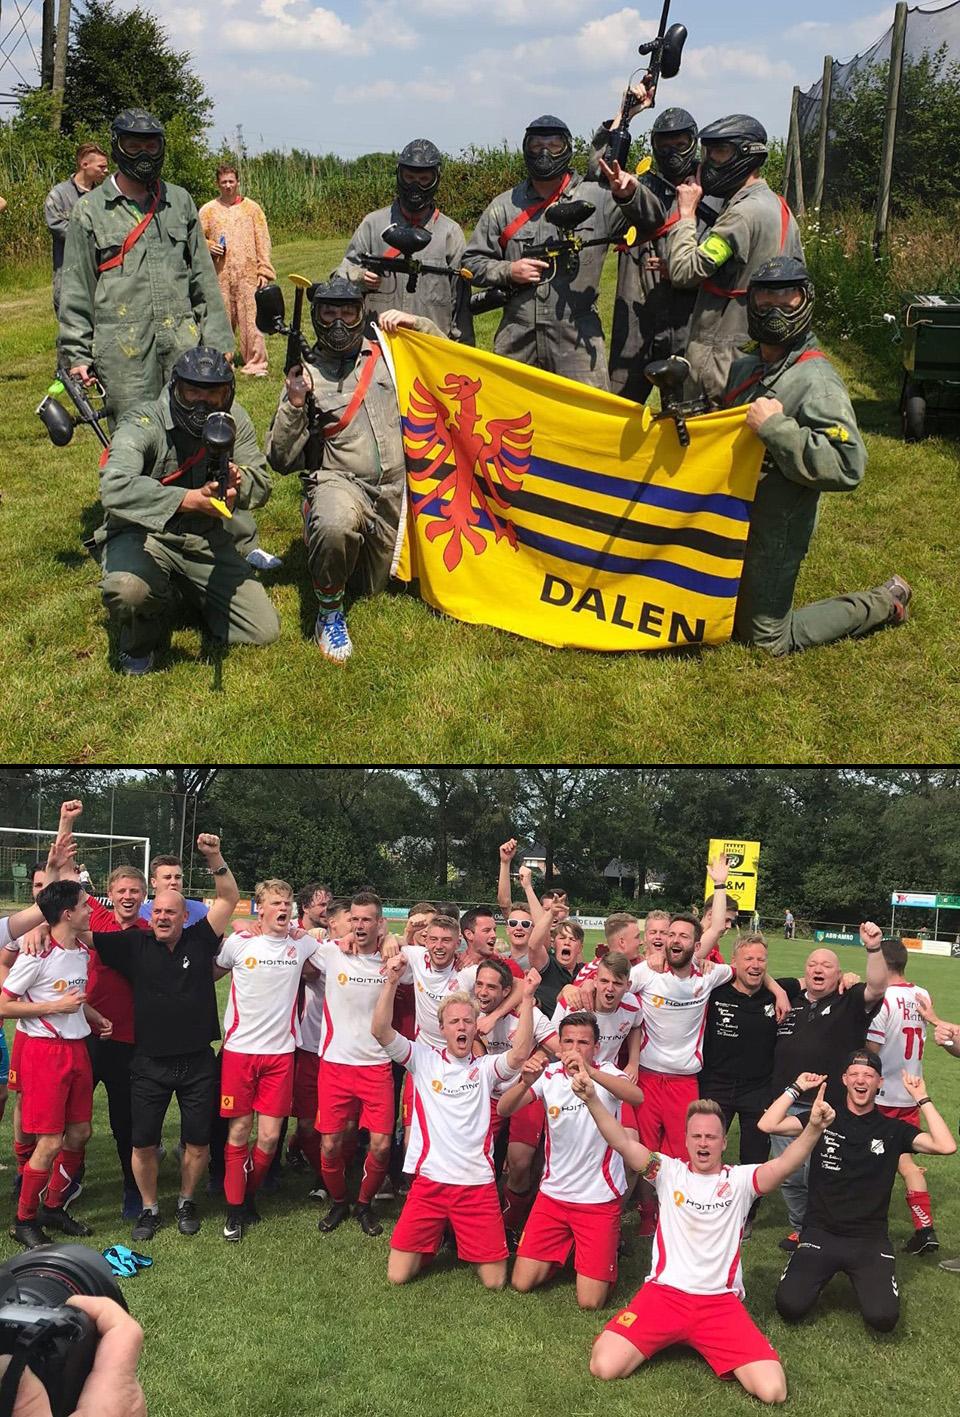 VV Dalen in Waar is Dalen?